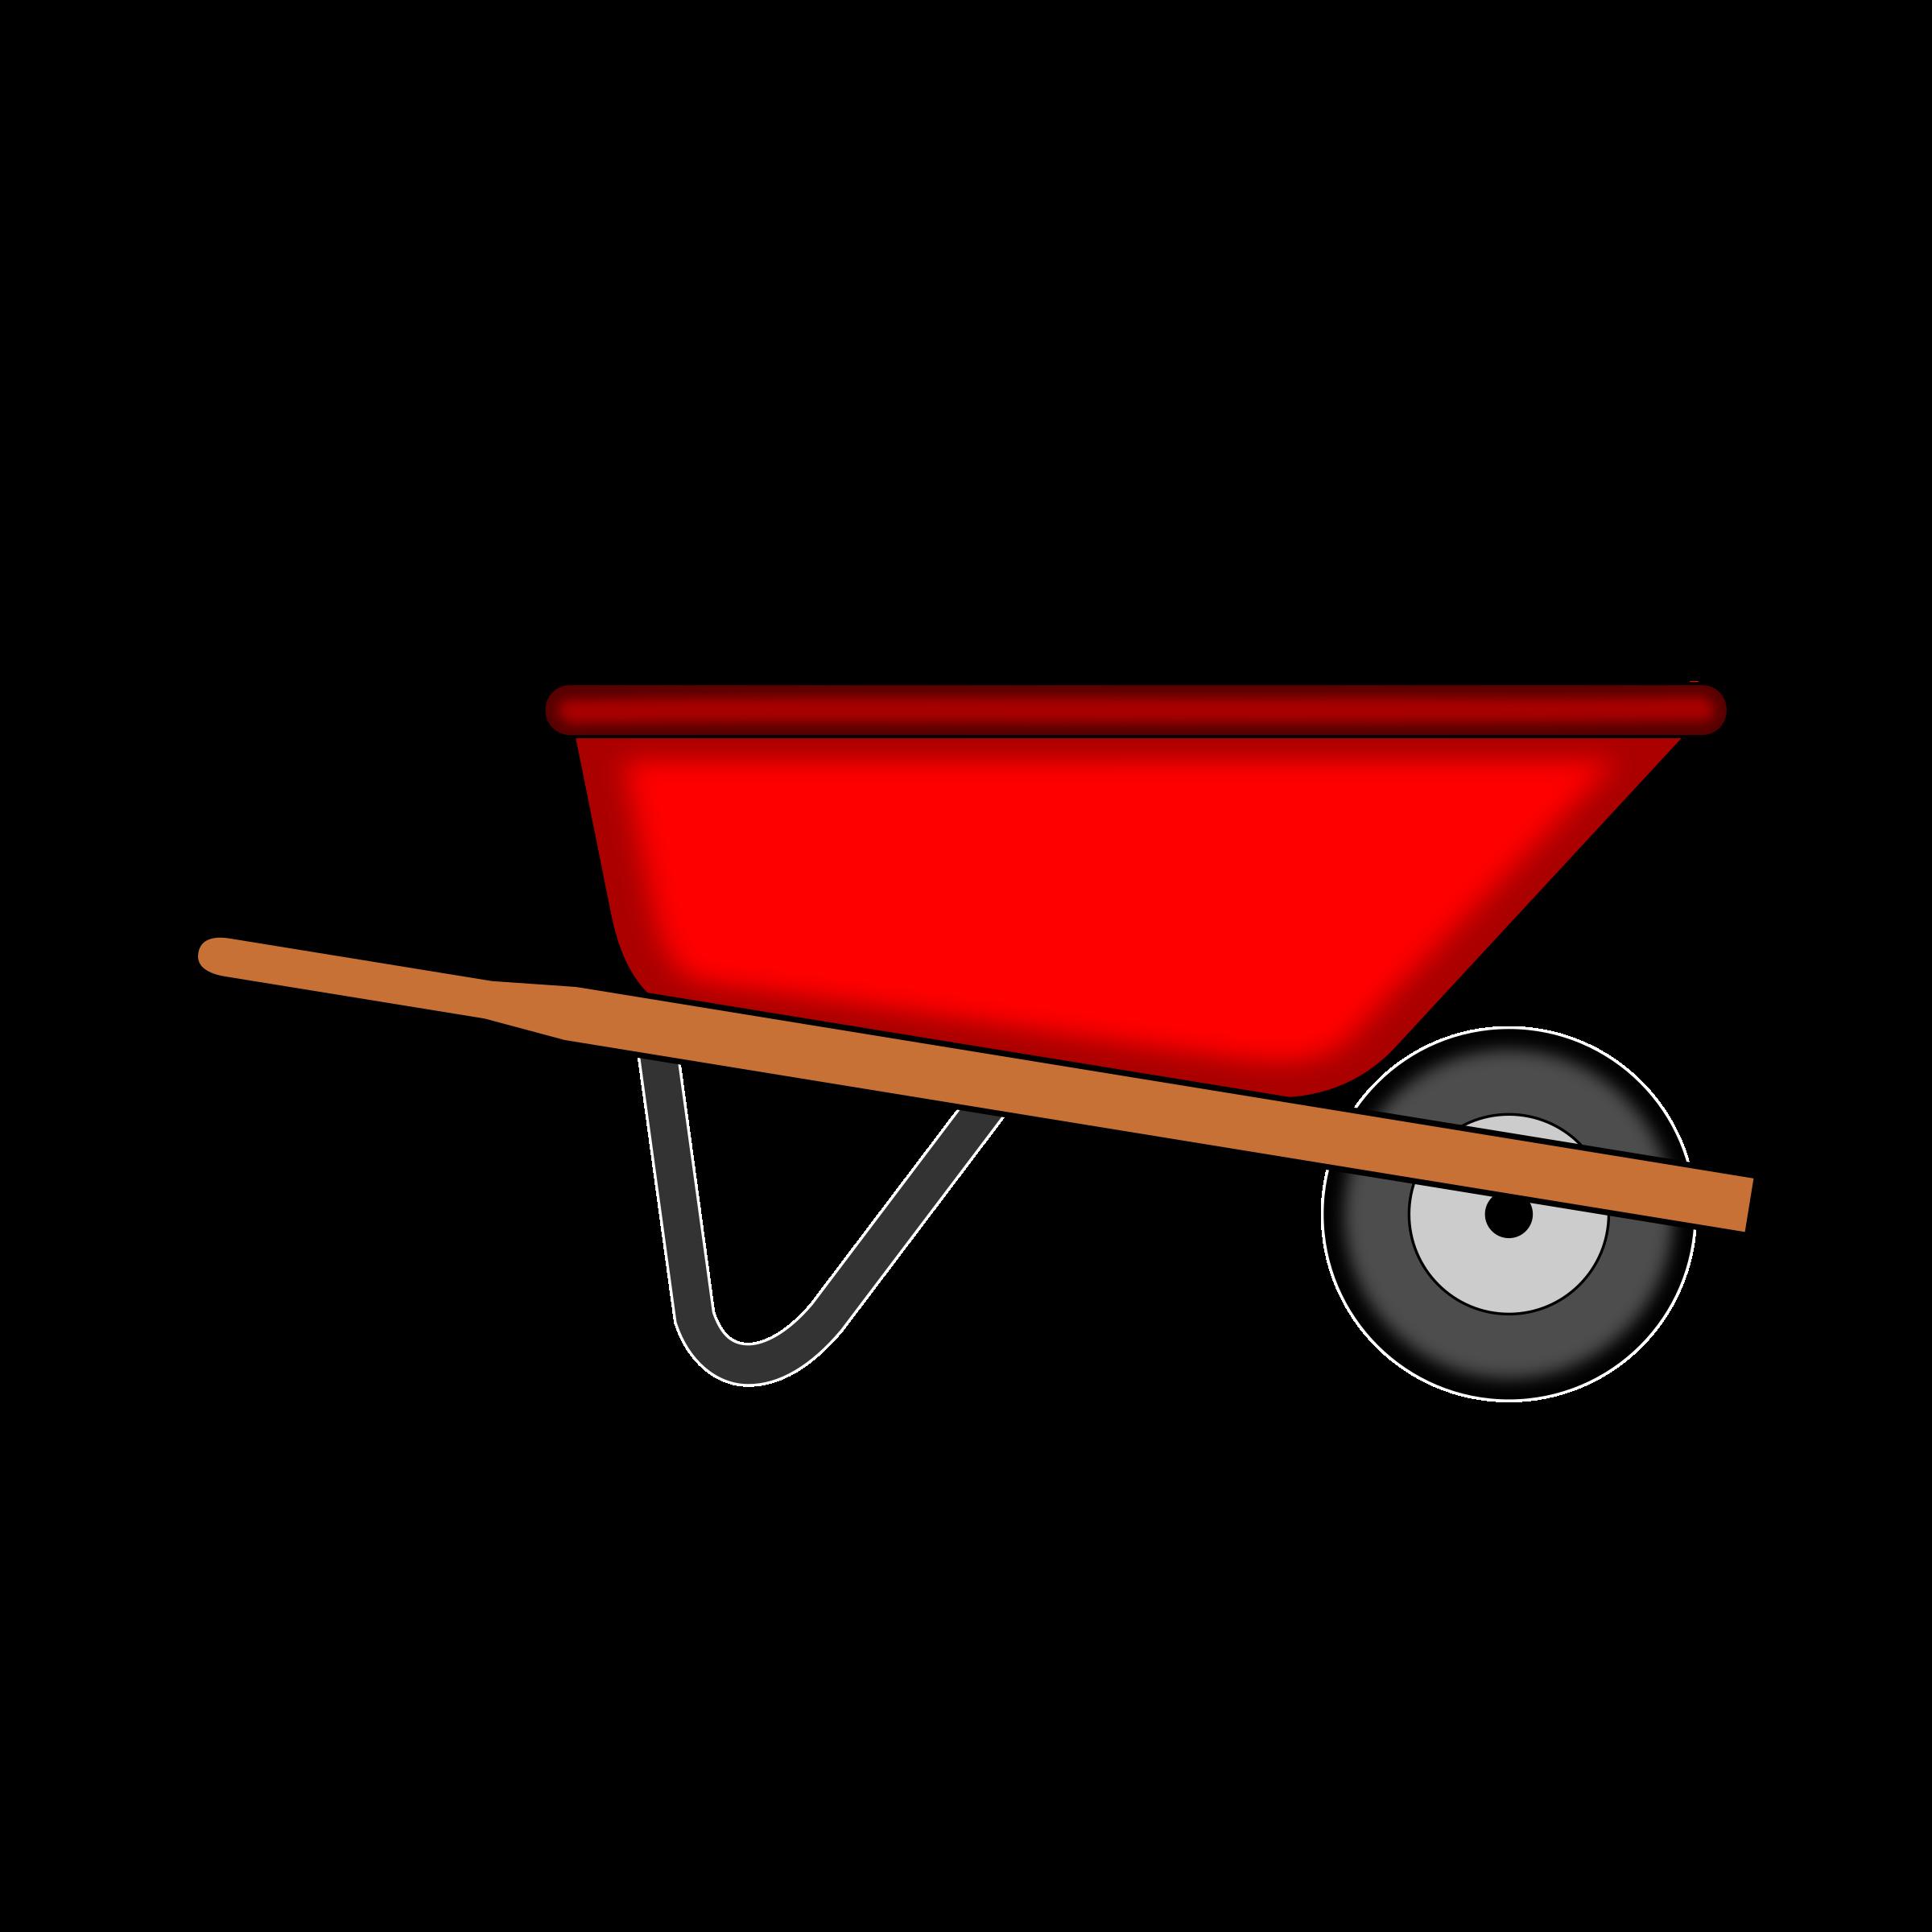 203 Wheelbarrow free clipart.